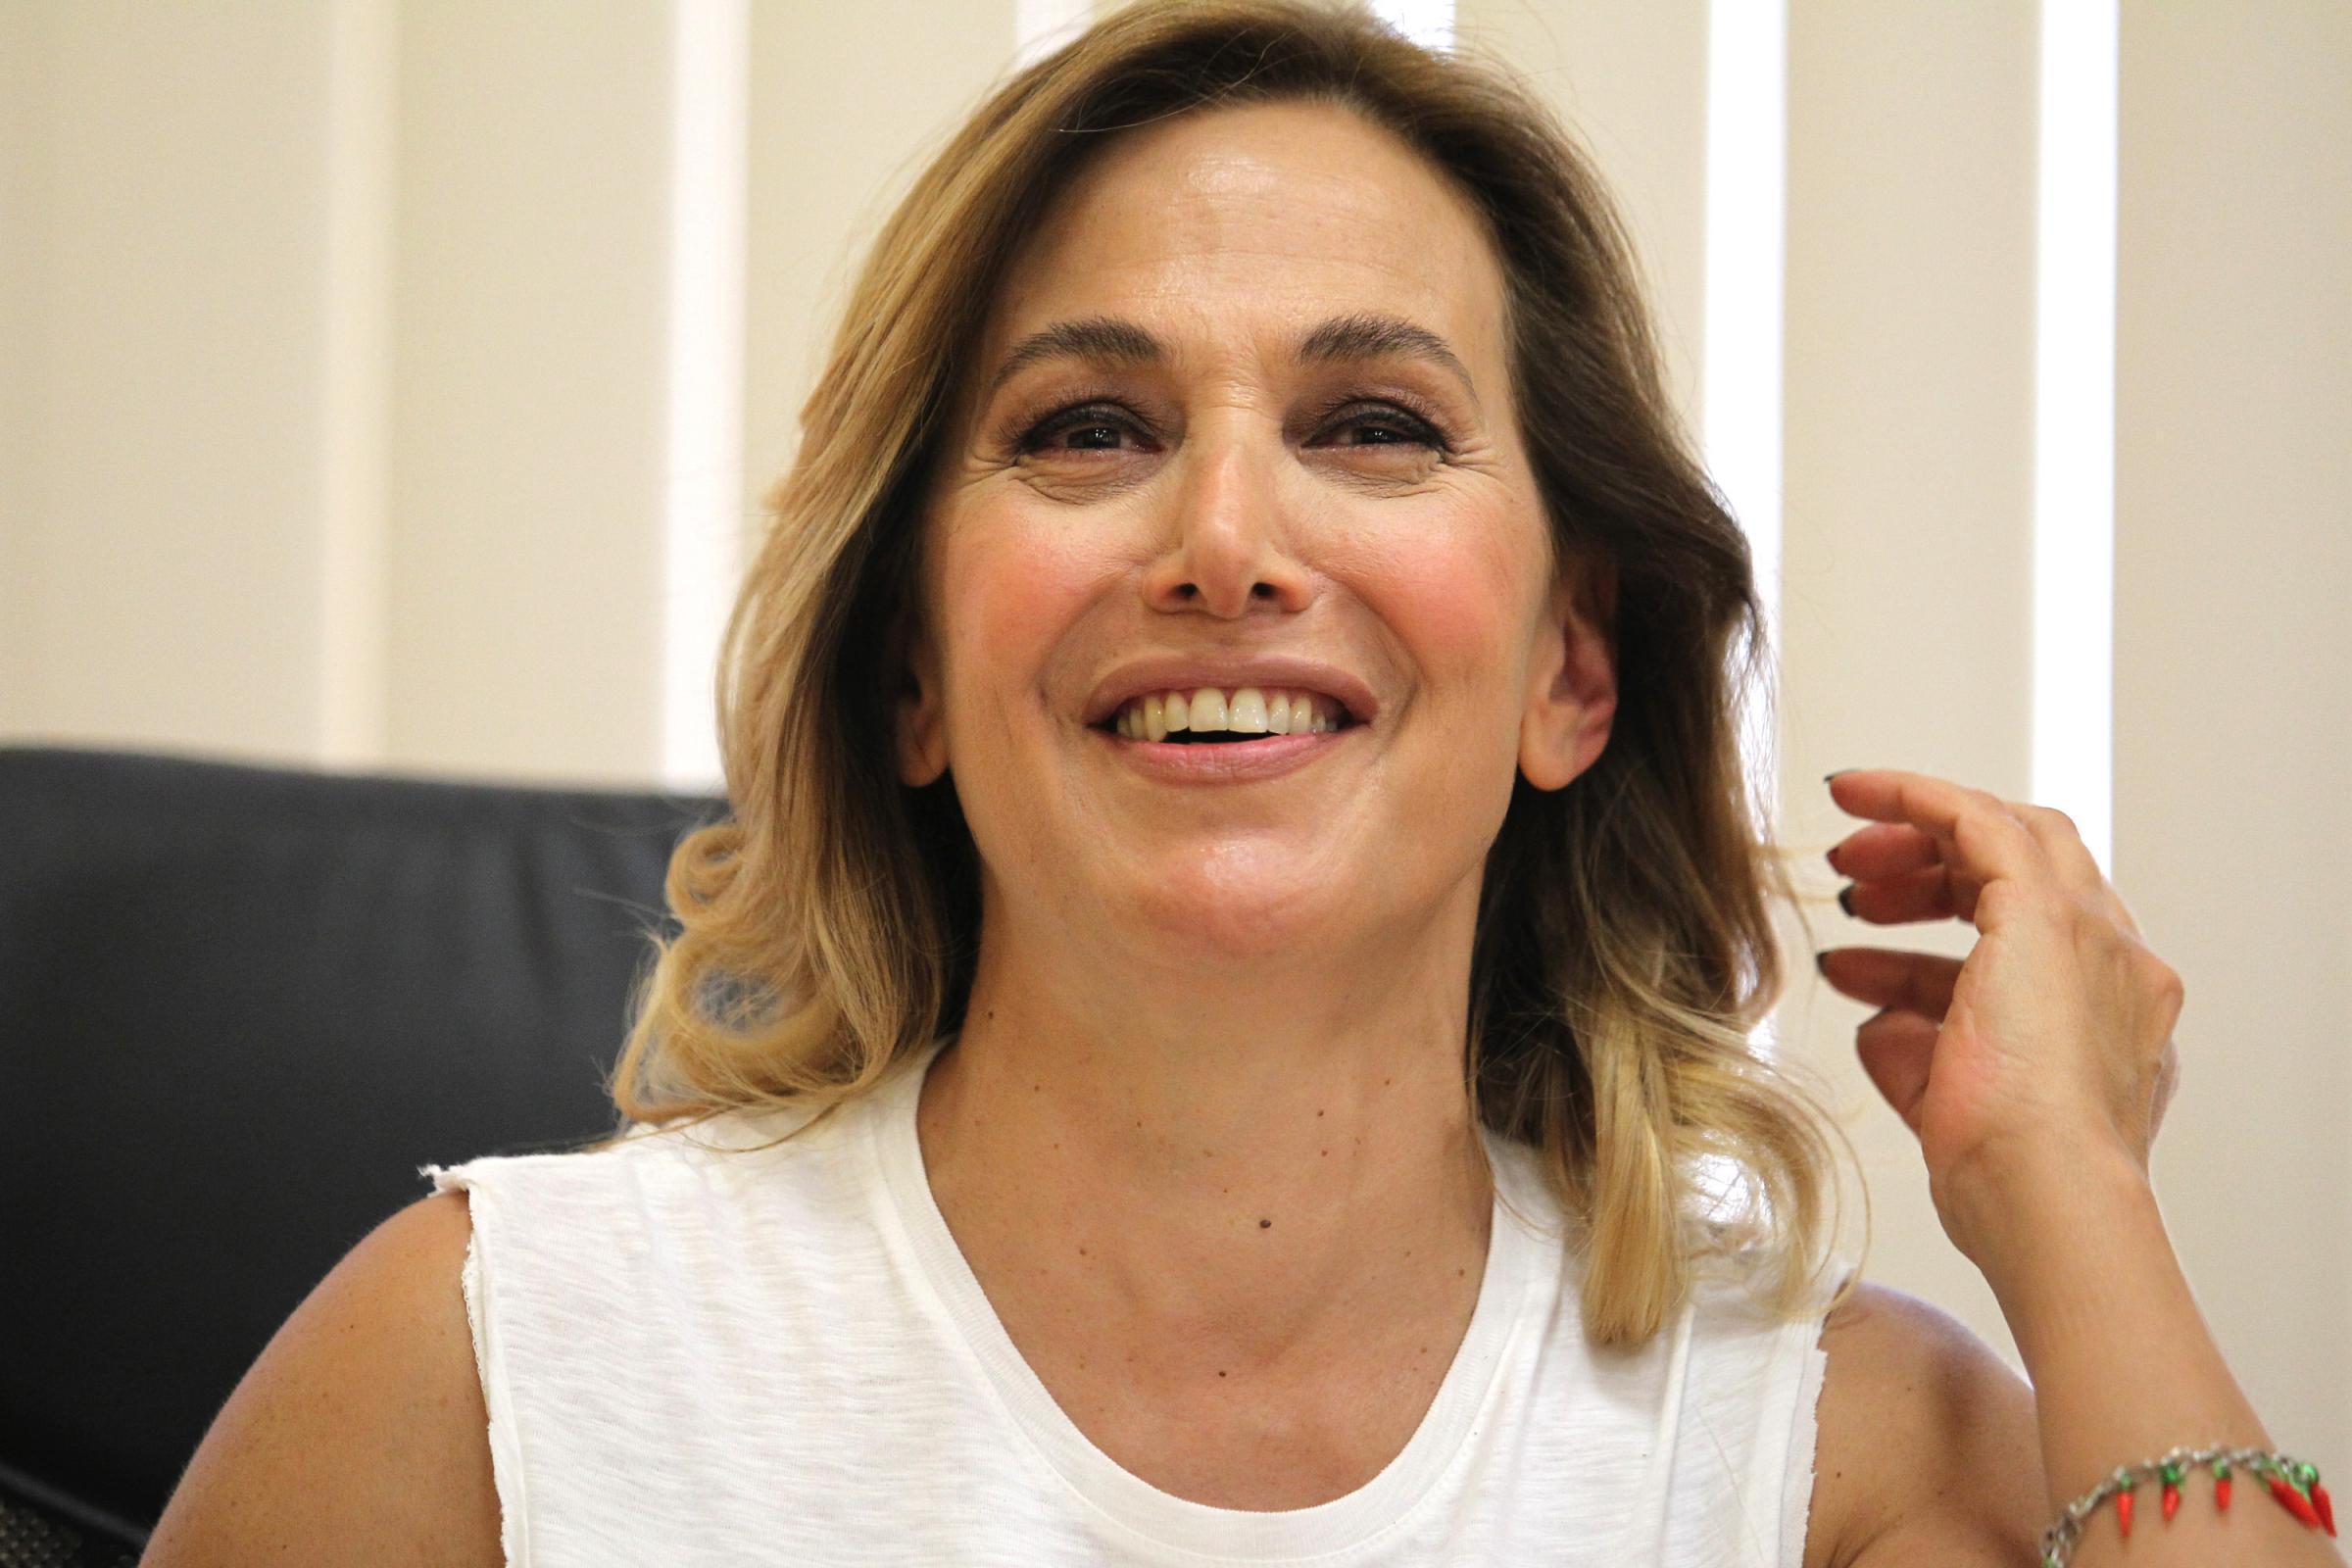 Conferenza stampa di Barbara D'Urso per la presentazione della sua nuova rivista mensile B